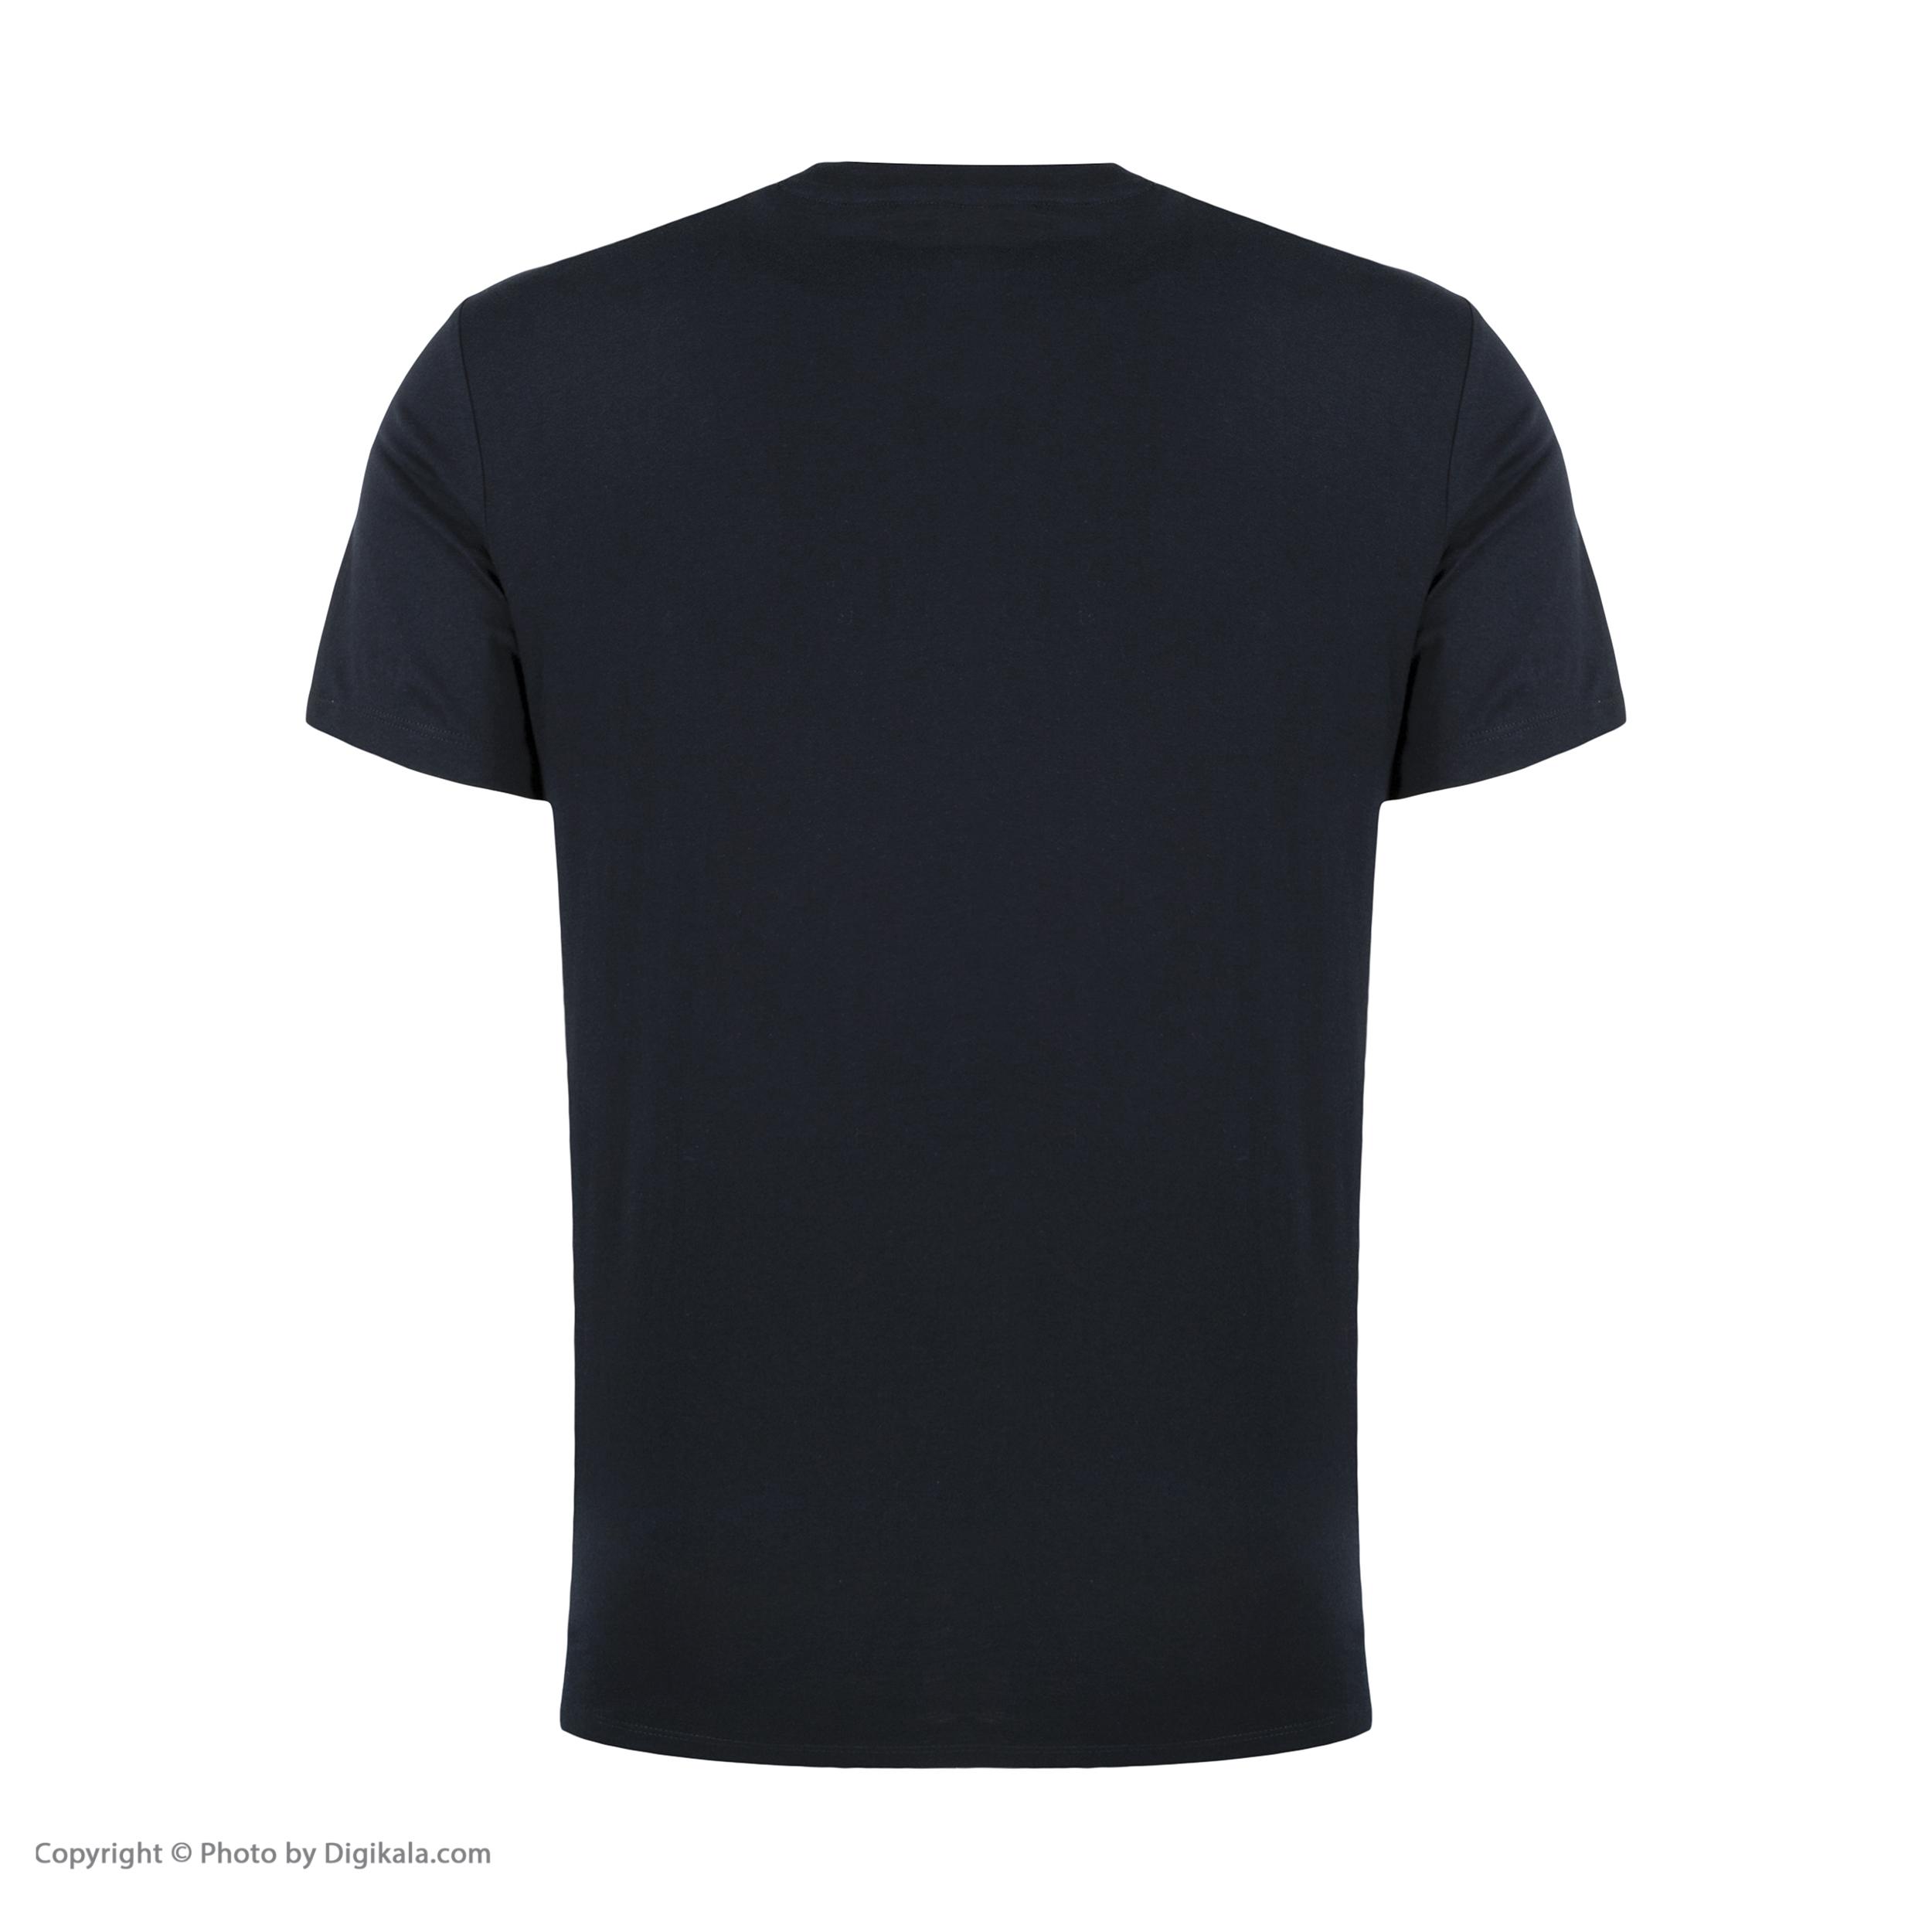 تی شرت مردانه آرمانی اکسچنج مدل 3GZTBAZJBVZ-1510